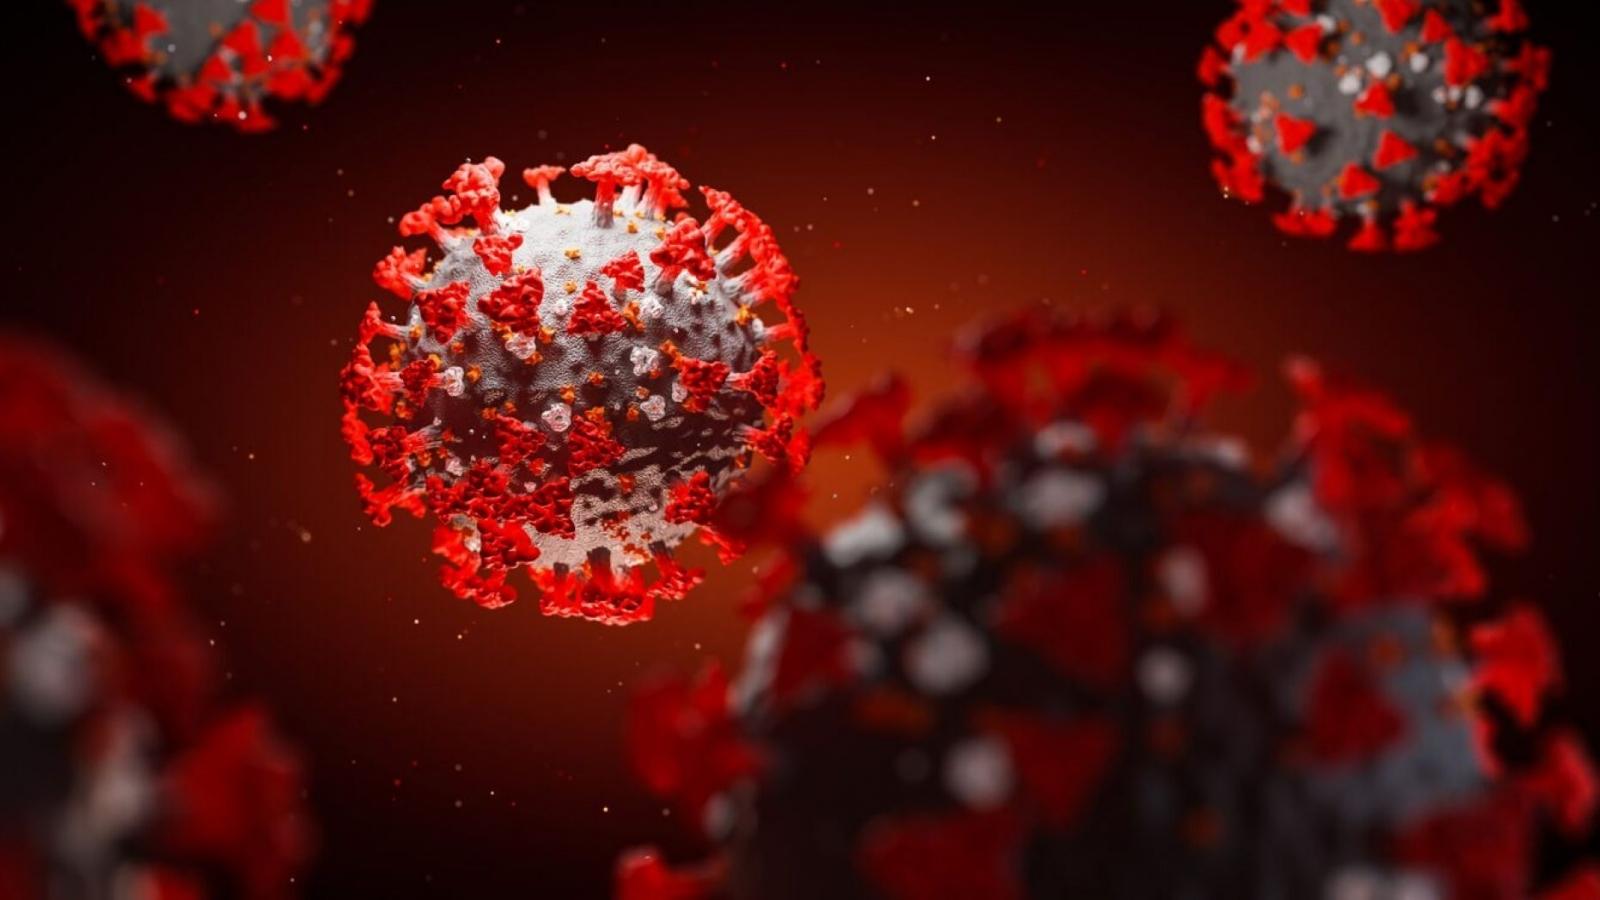 Australia nghiên cứu thuốc xịt mũi làm giảm lây nhiễm Covid-19